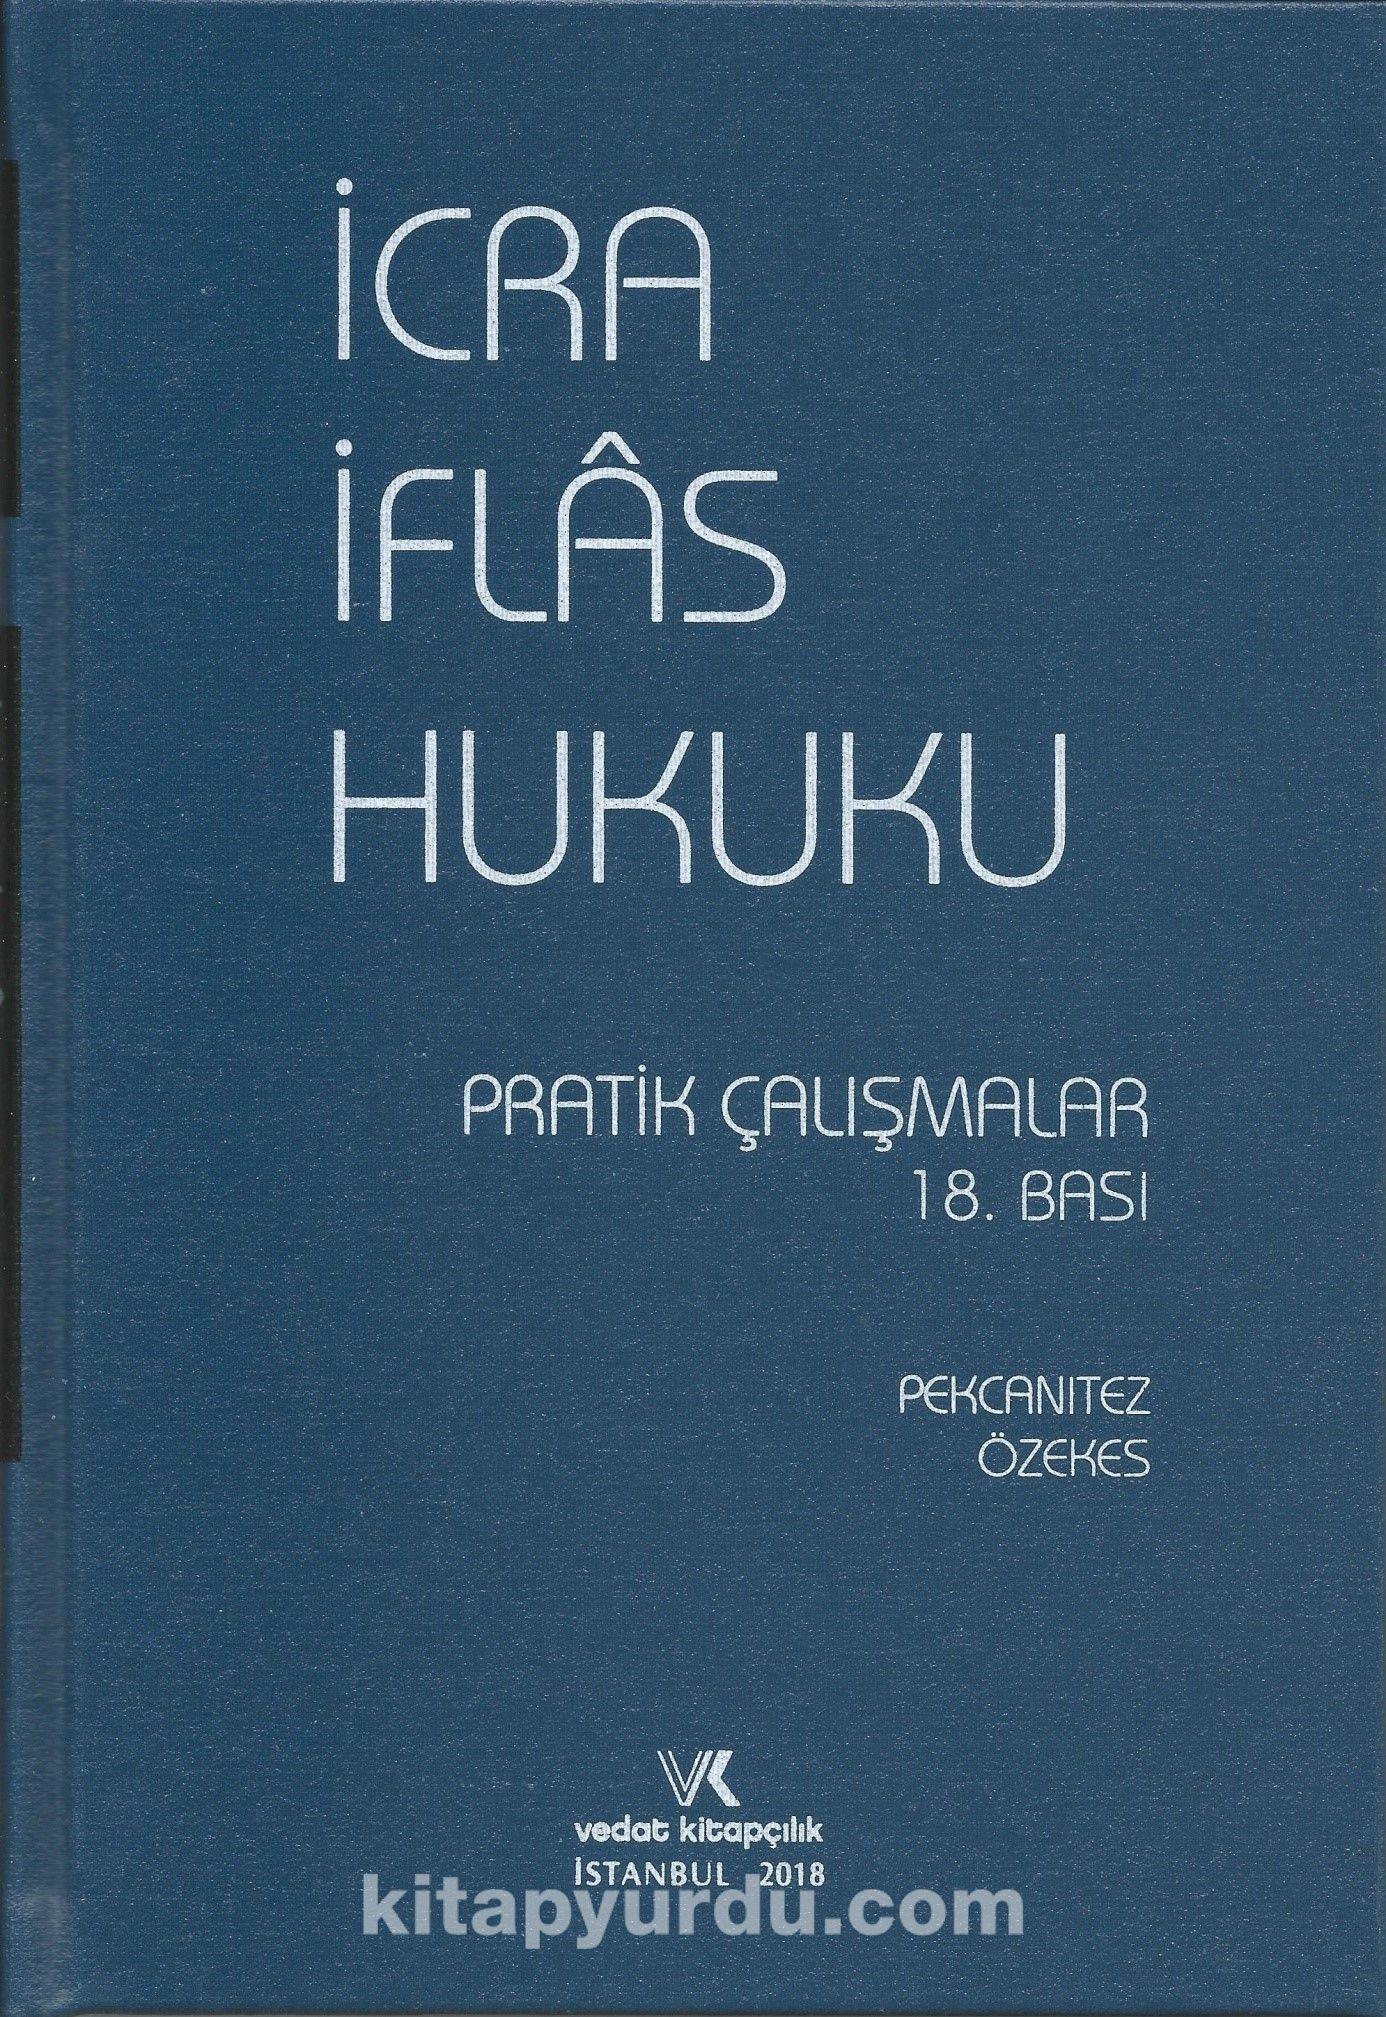 İcra İflas Hukuku Pratik Çalışmaları (2018 Baskı) - Muhammet Özekes pdf epub